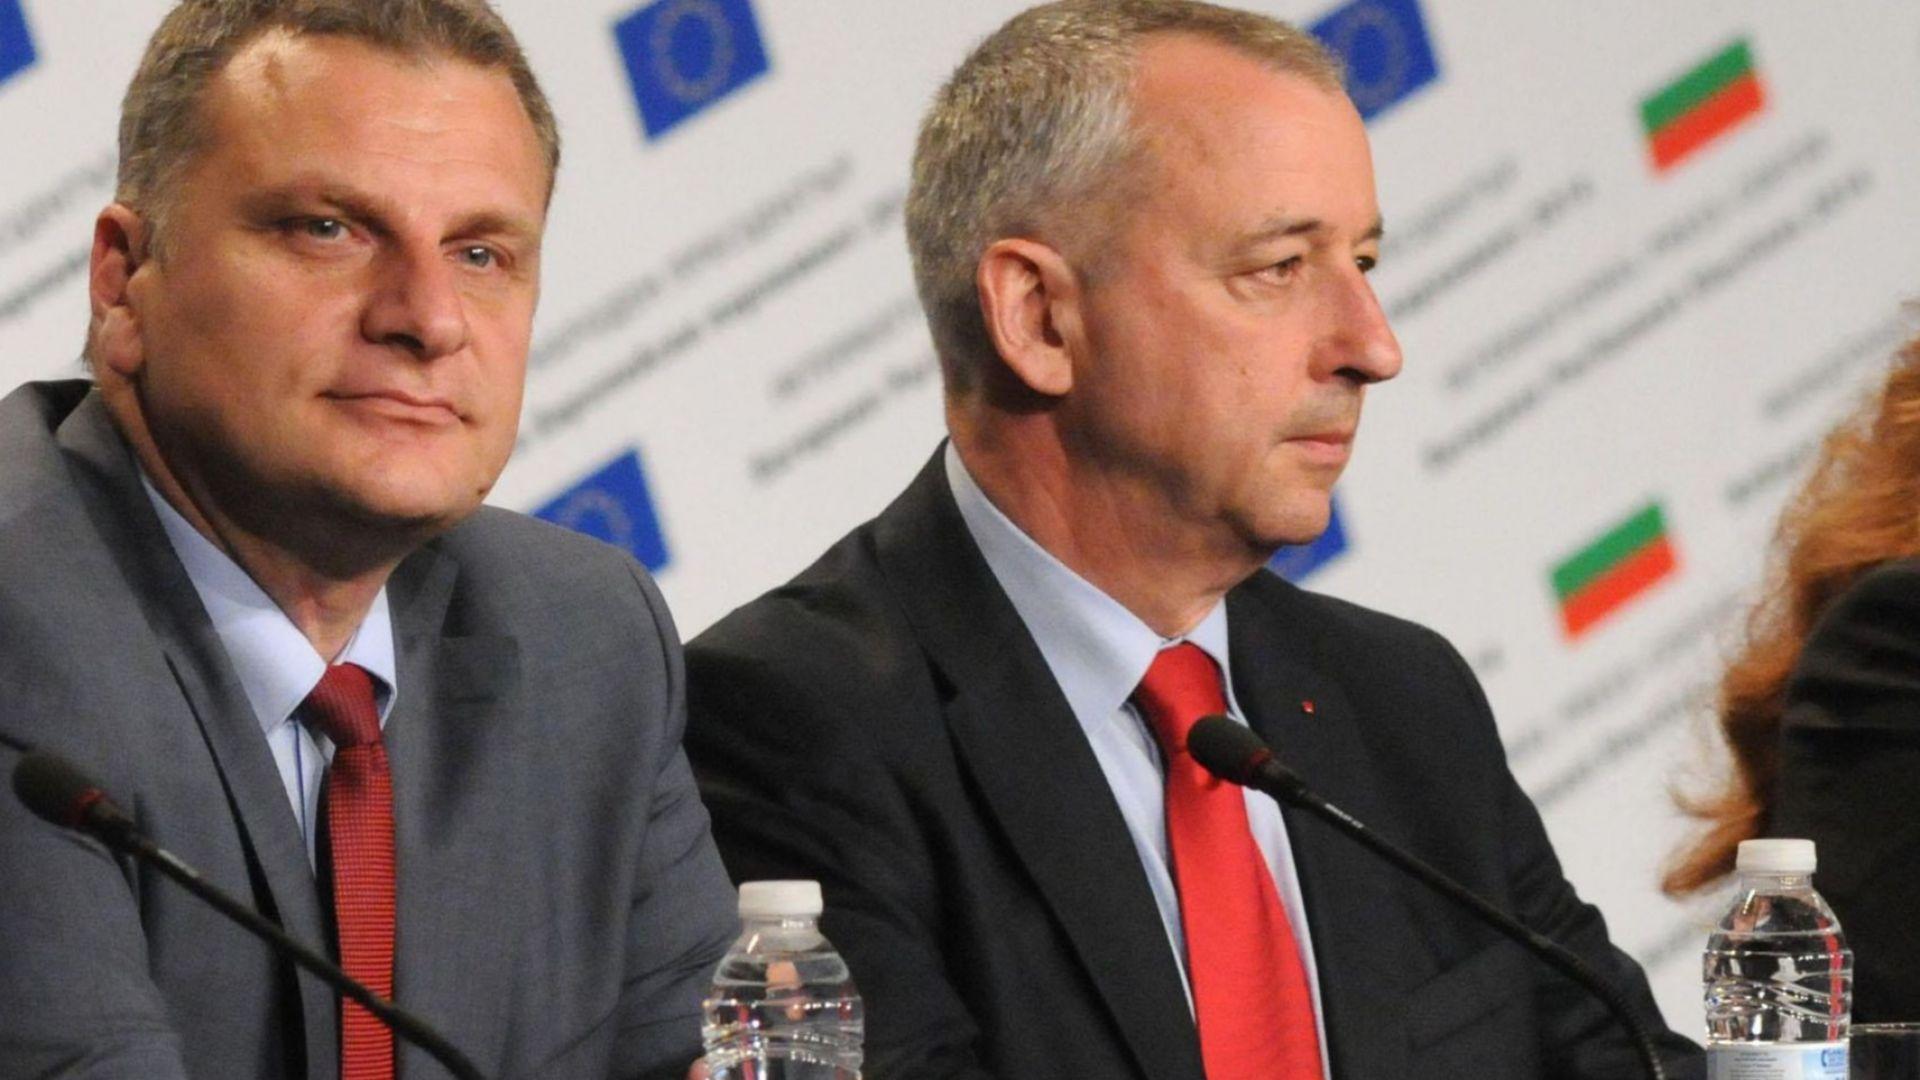 Трима от четиримата евродепутати на БСП отсъстват от предложения от